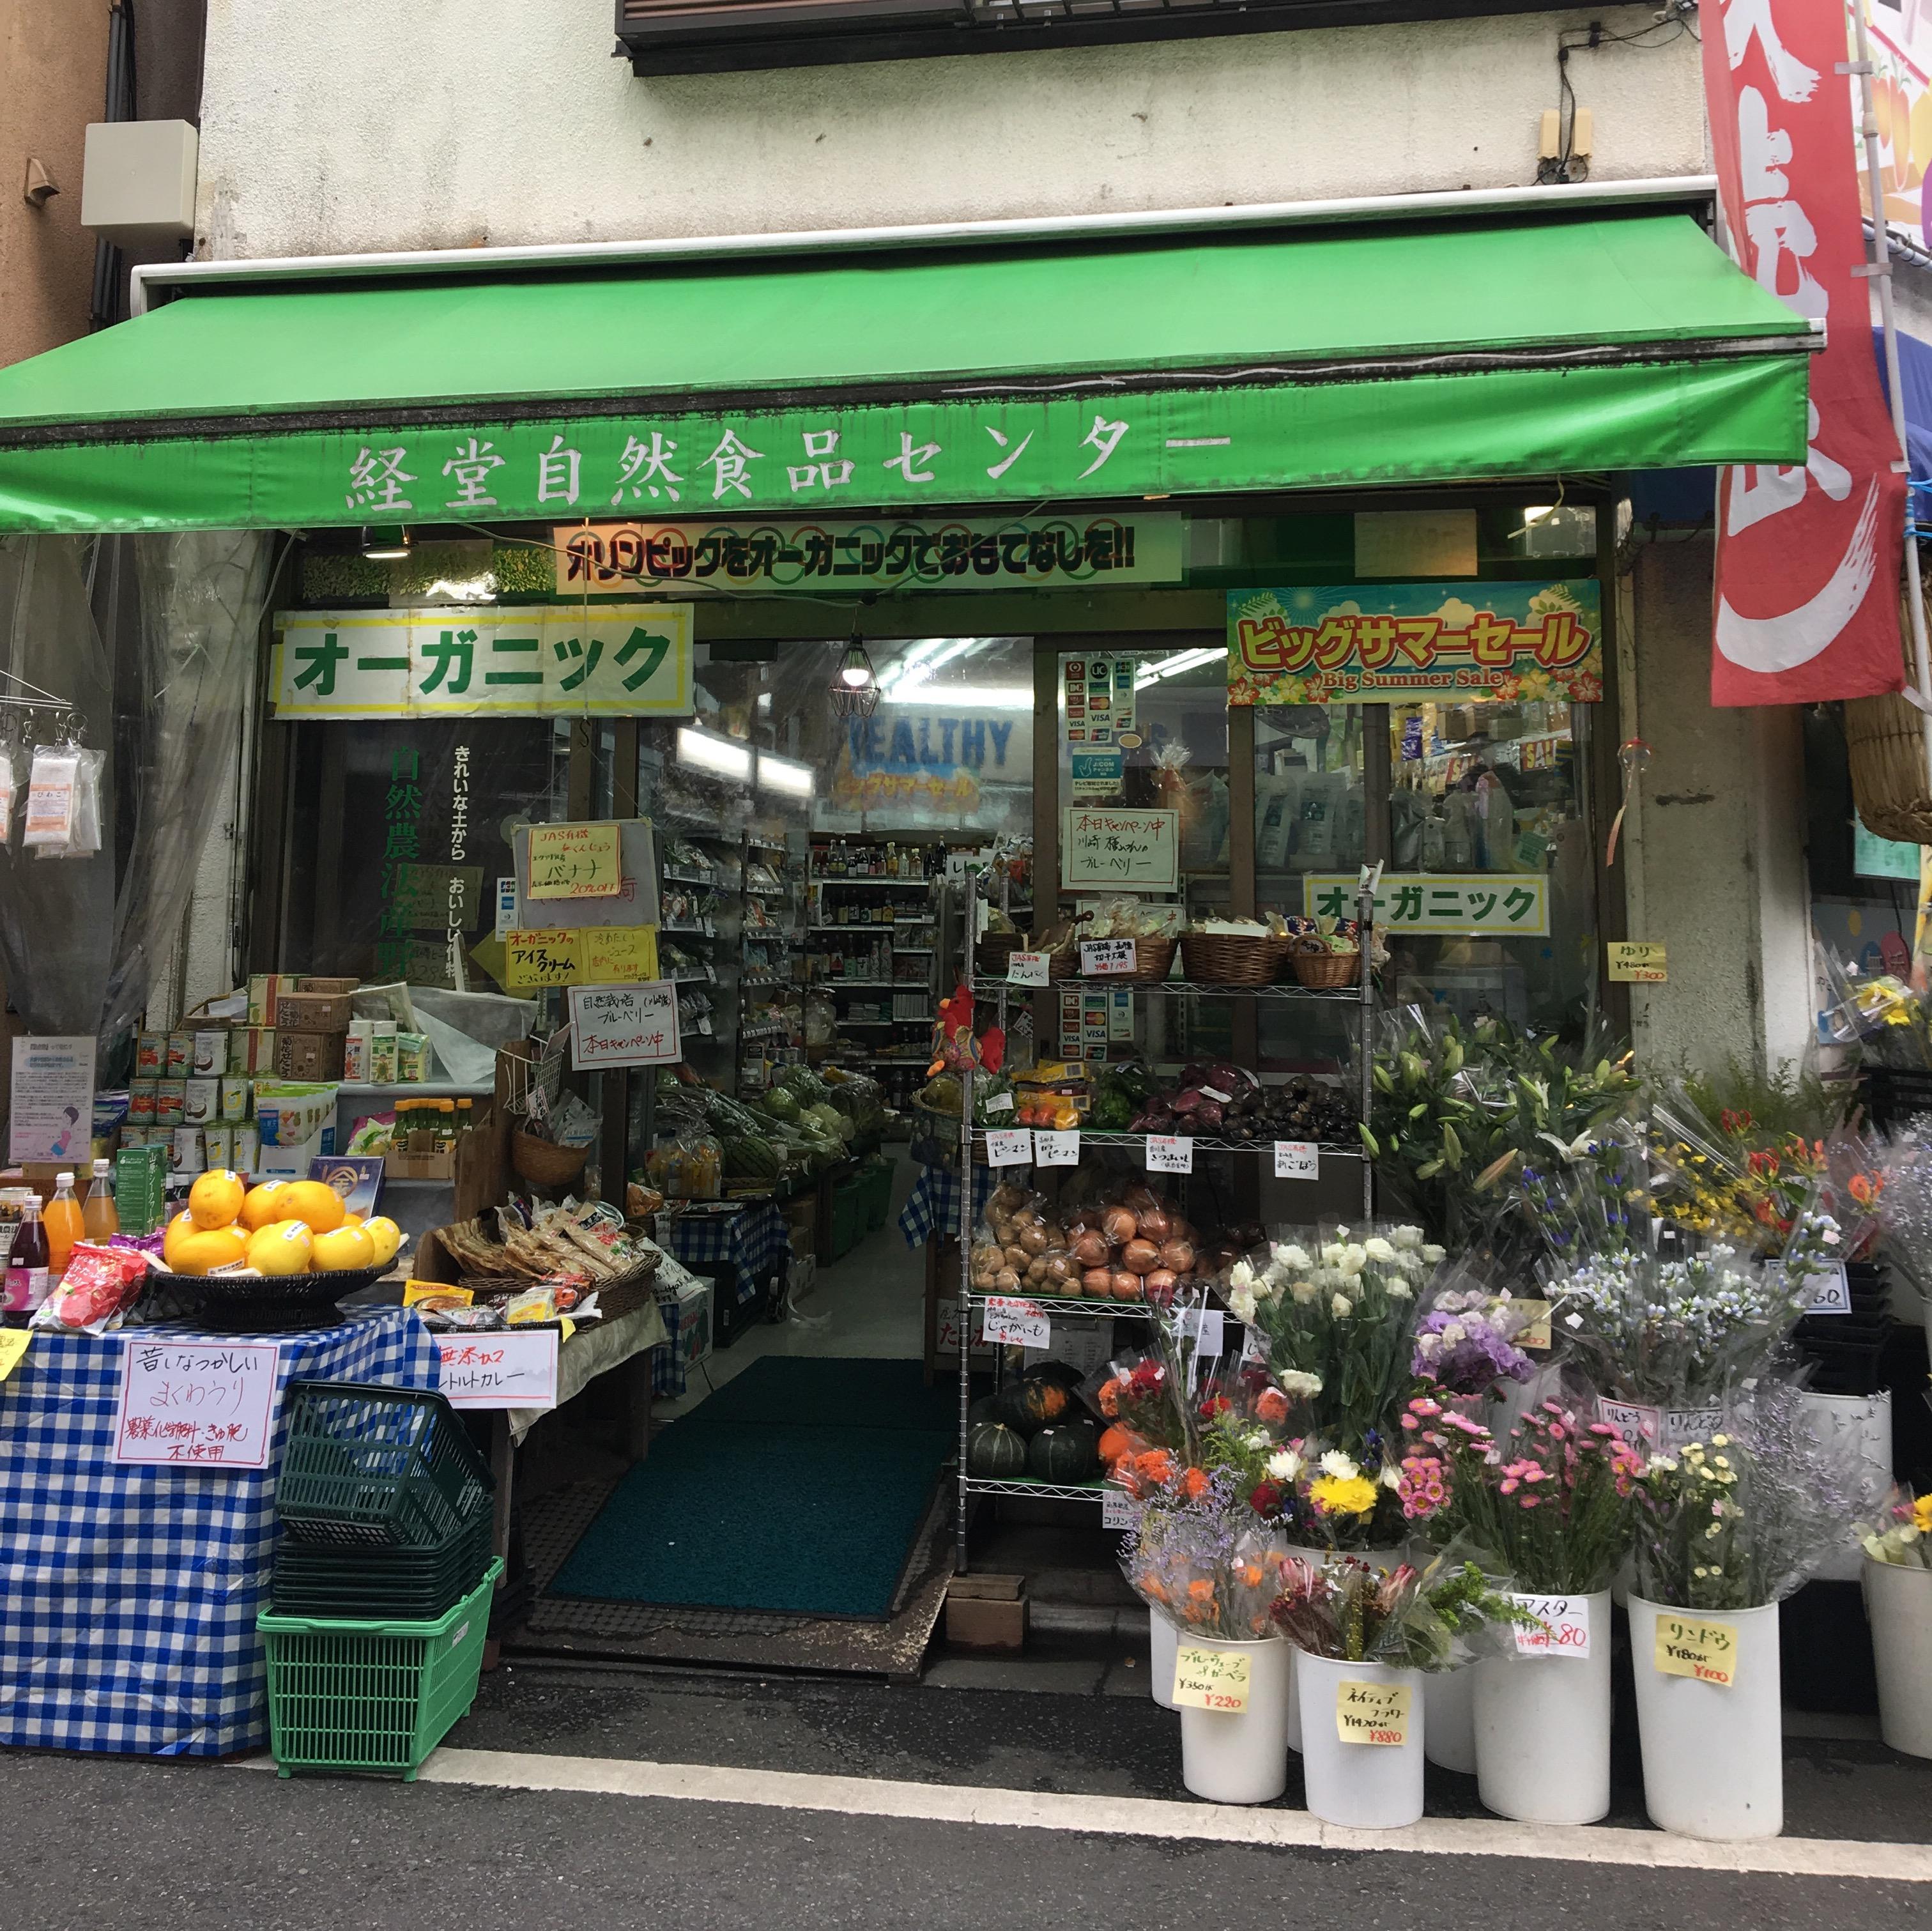 世田谷区で有機野菜を買えるお店探しの旅【経堂駅編】